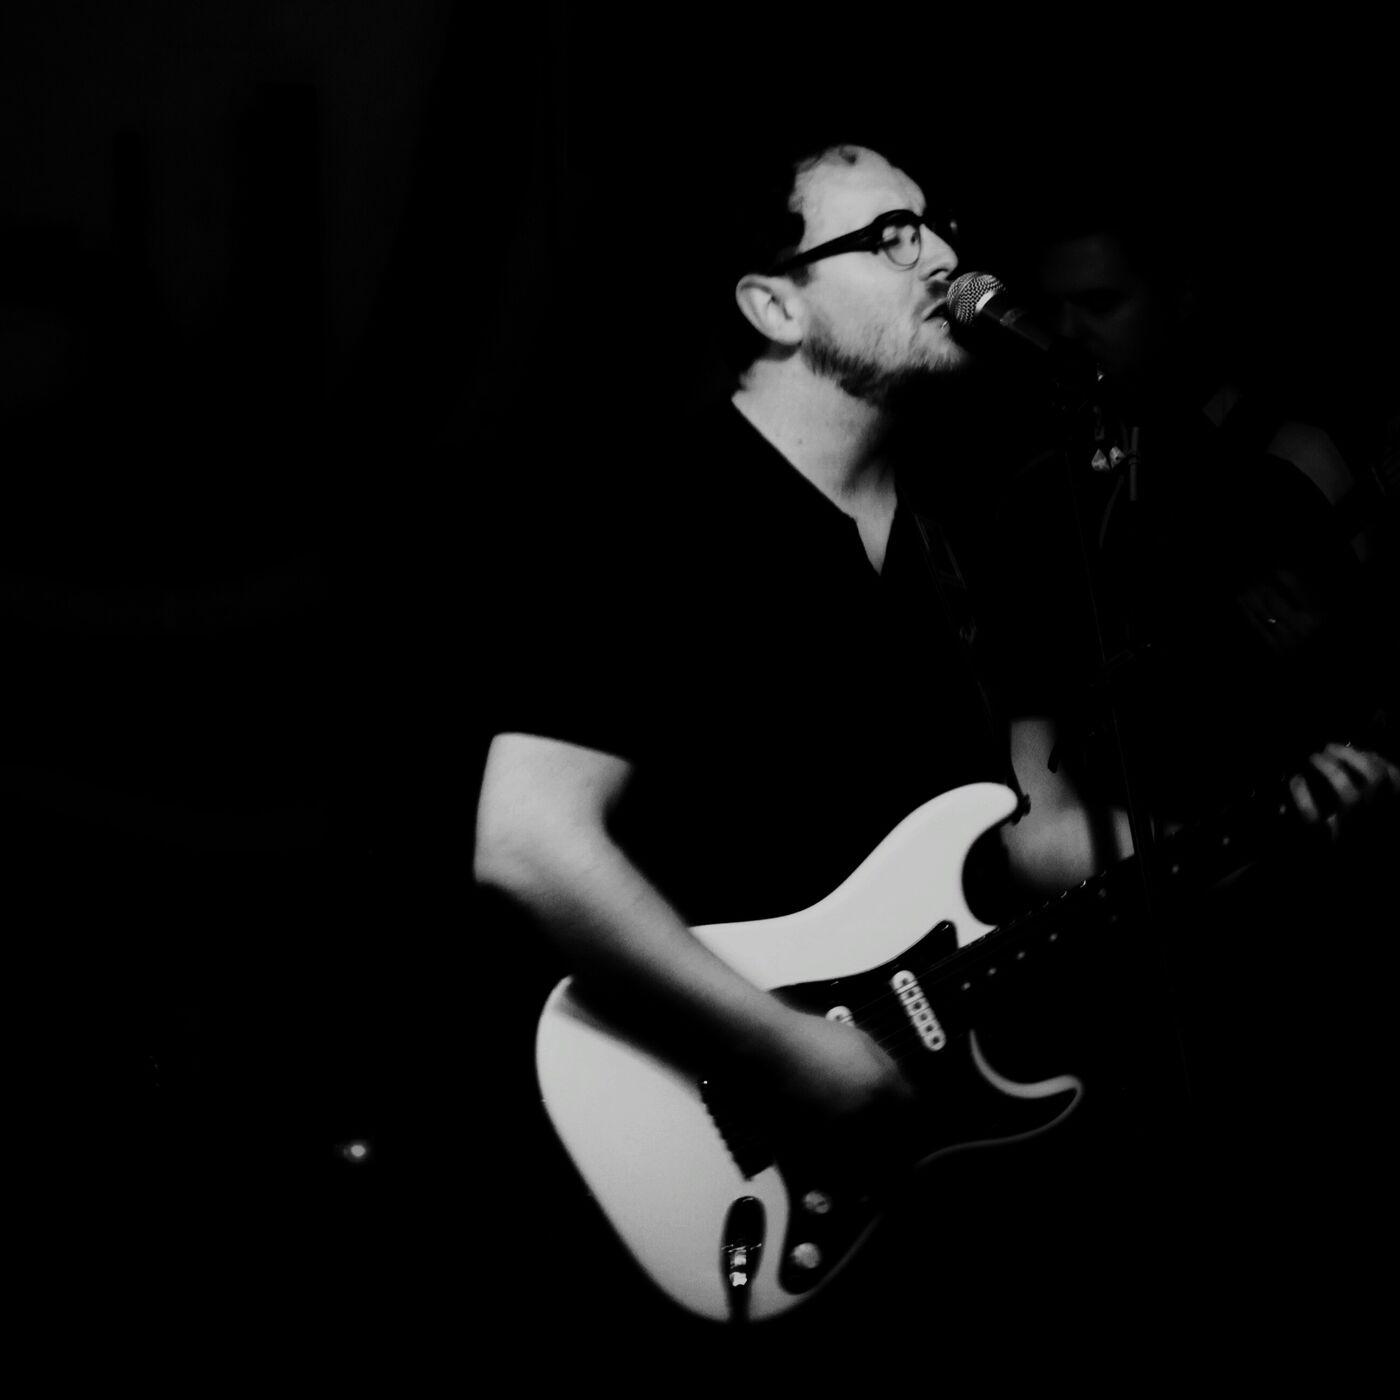 [Bonus] Music Mashtun, Jesse Gimbel performs Mind on Fire!